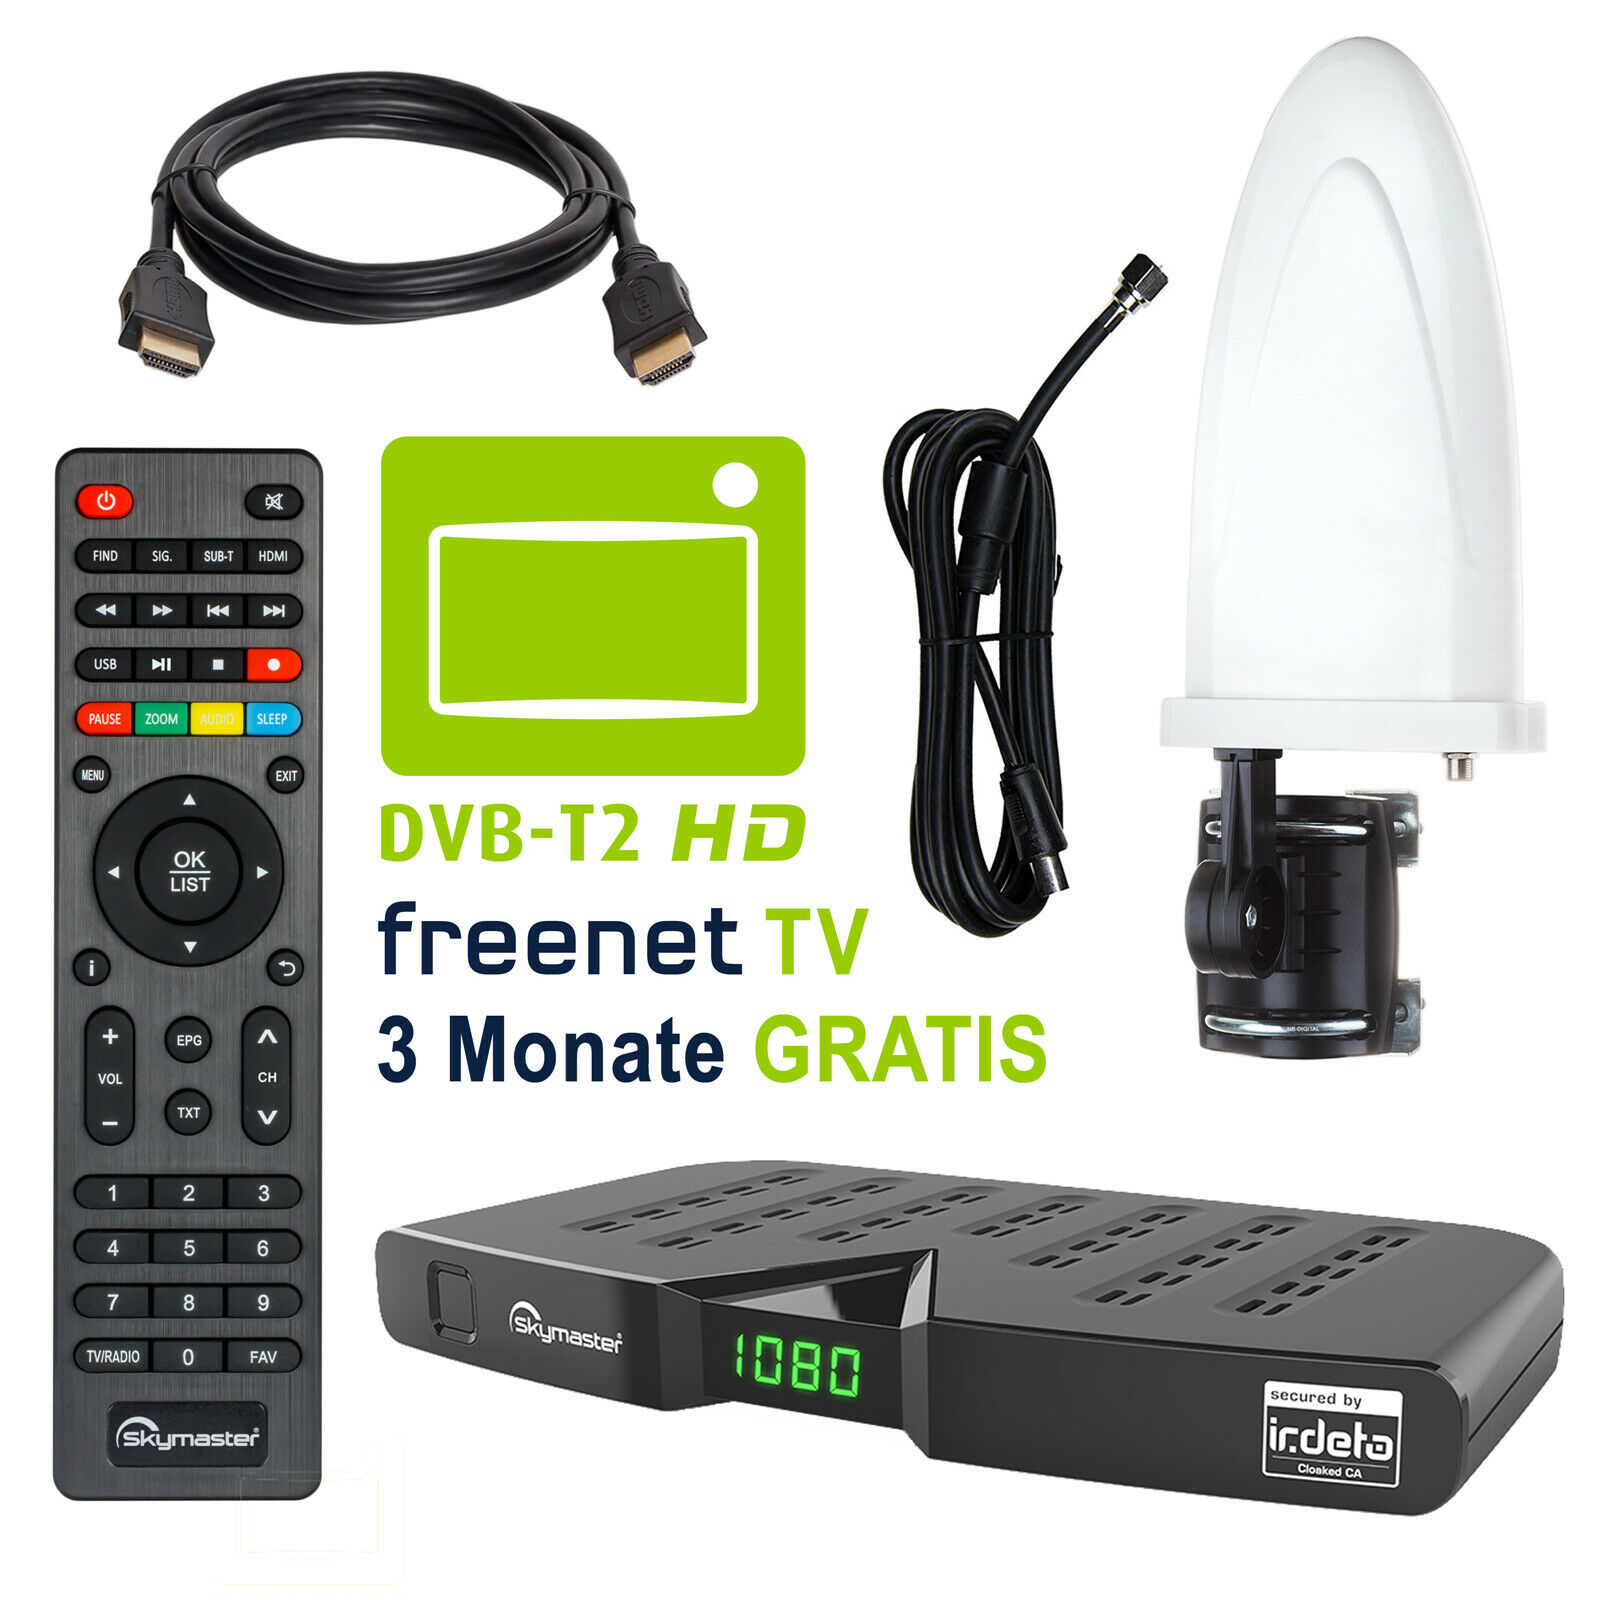 DVB-T2 Freenet TV FULL HD Terrestrisch Receiver Skymaster DTR 5000 +Antenne 30dB